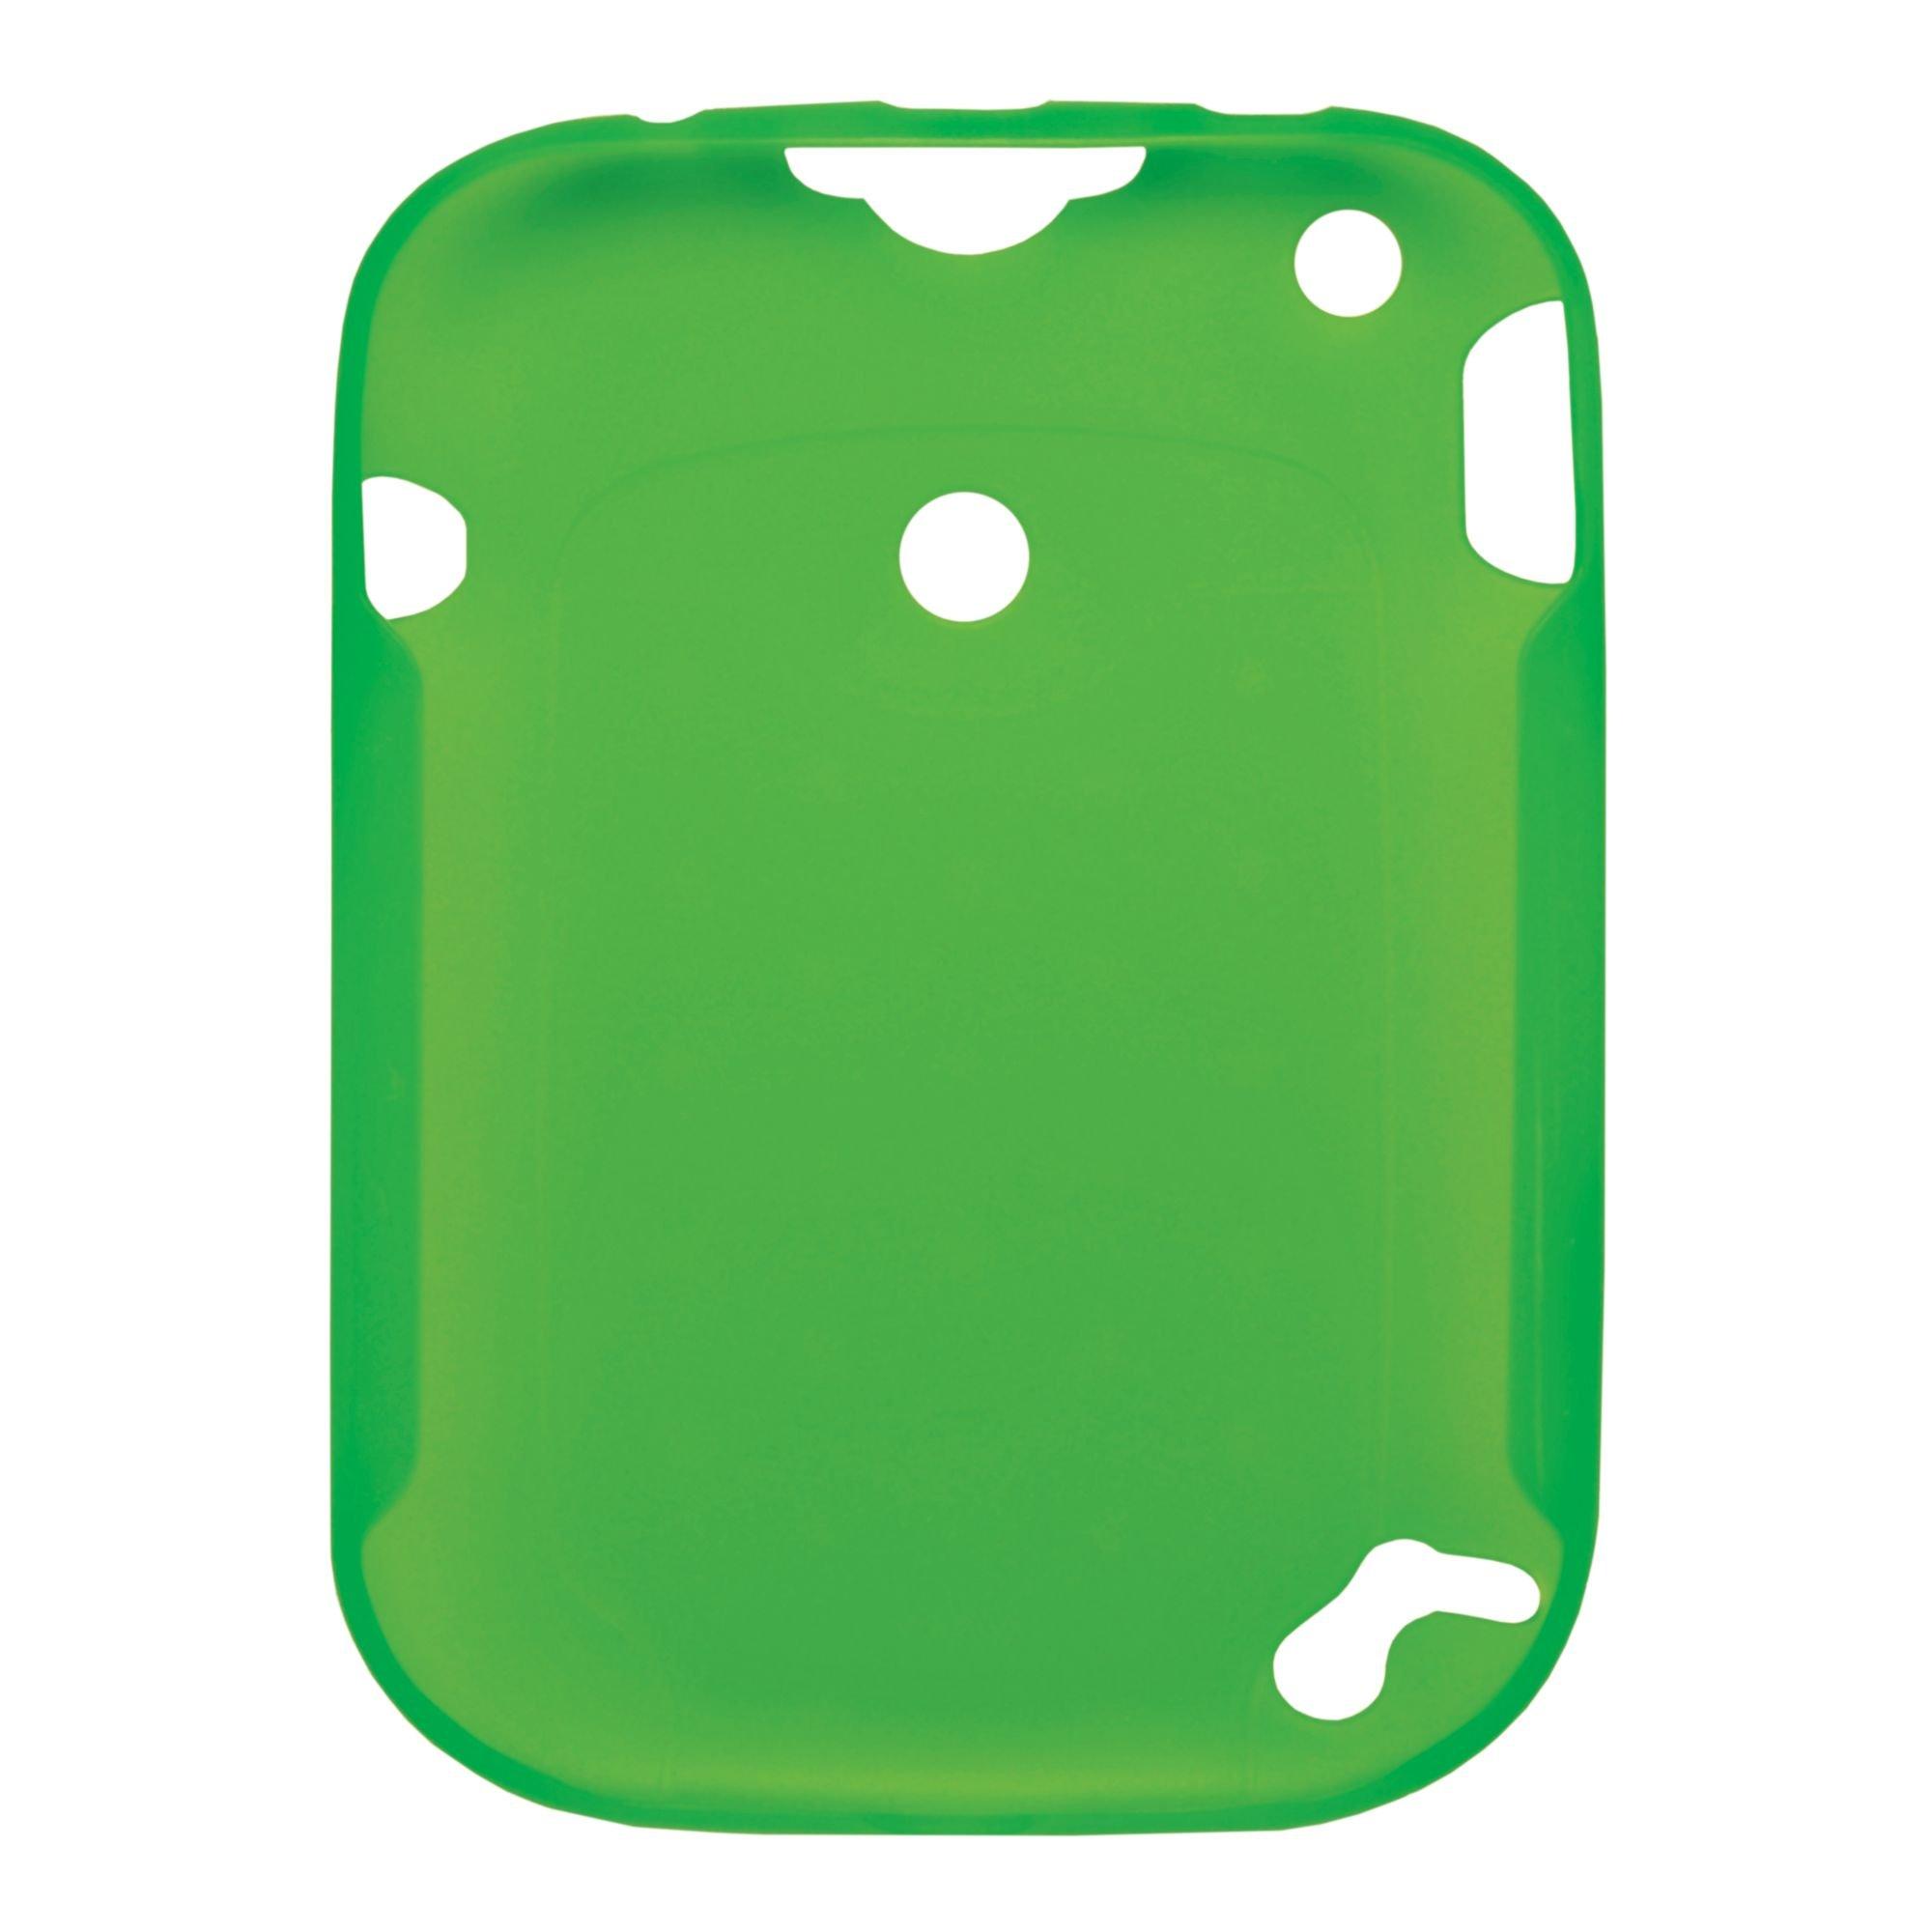 LeapFrog LeapPad Ultra Gel Skin, Green by LeapFrog